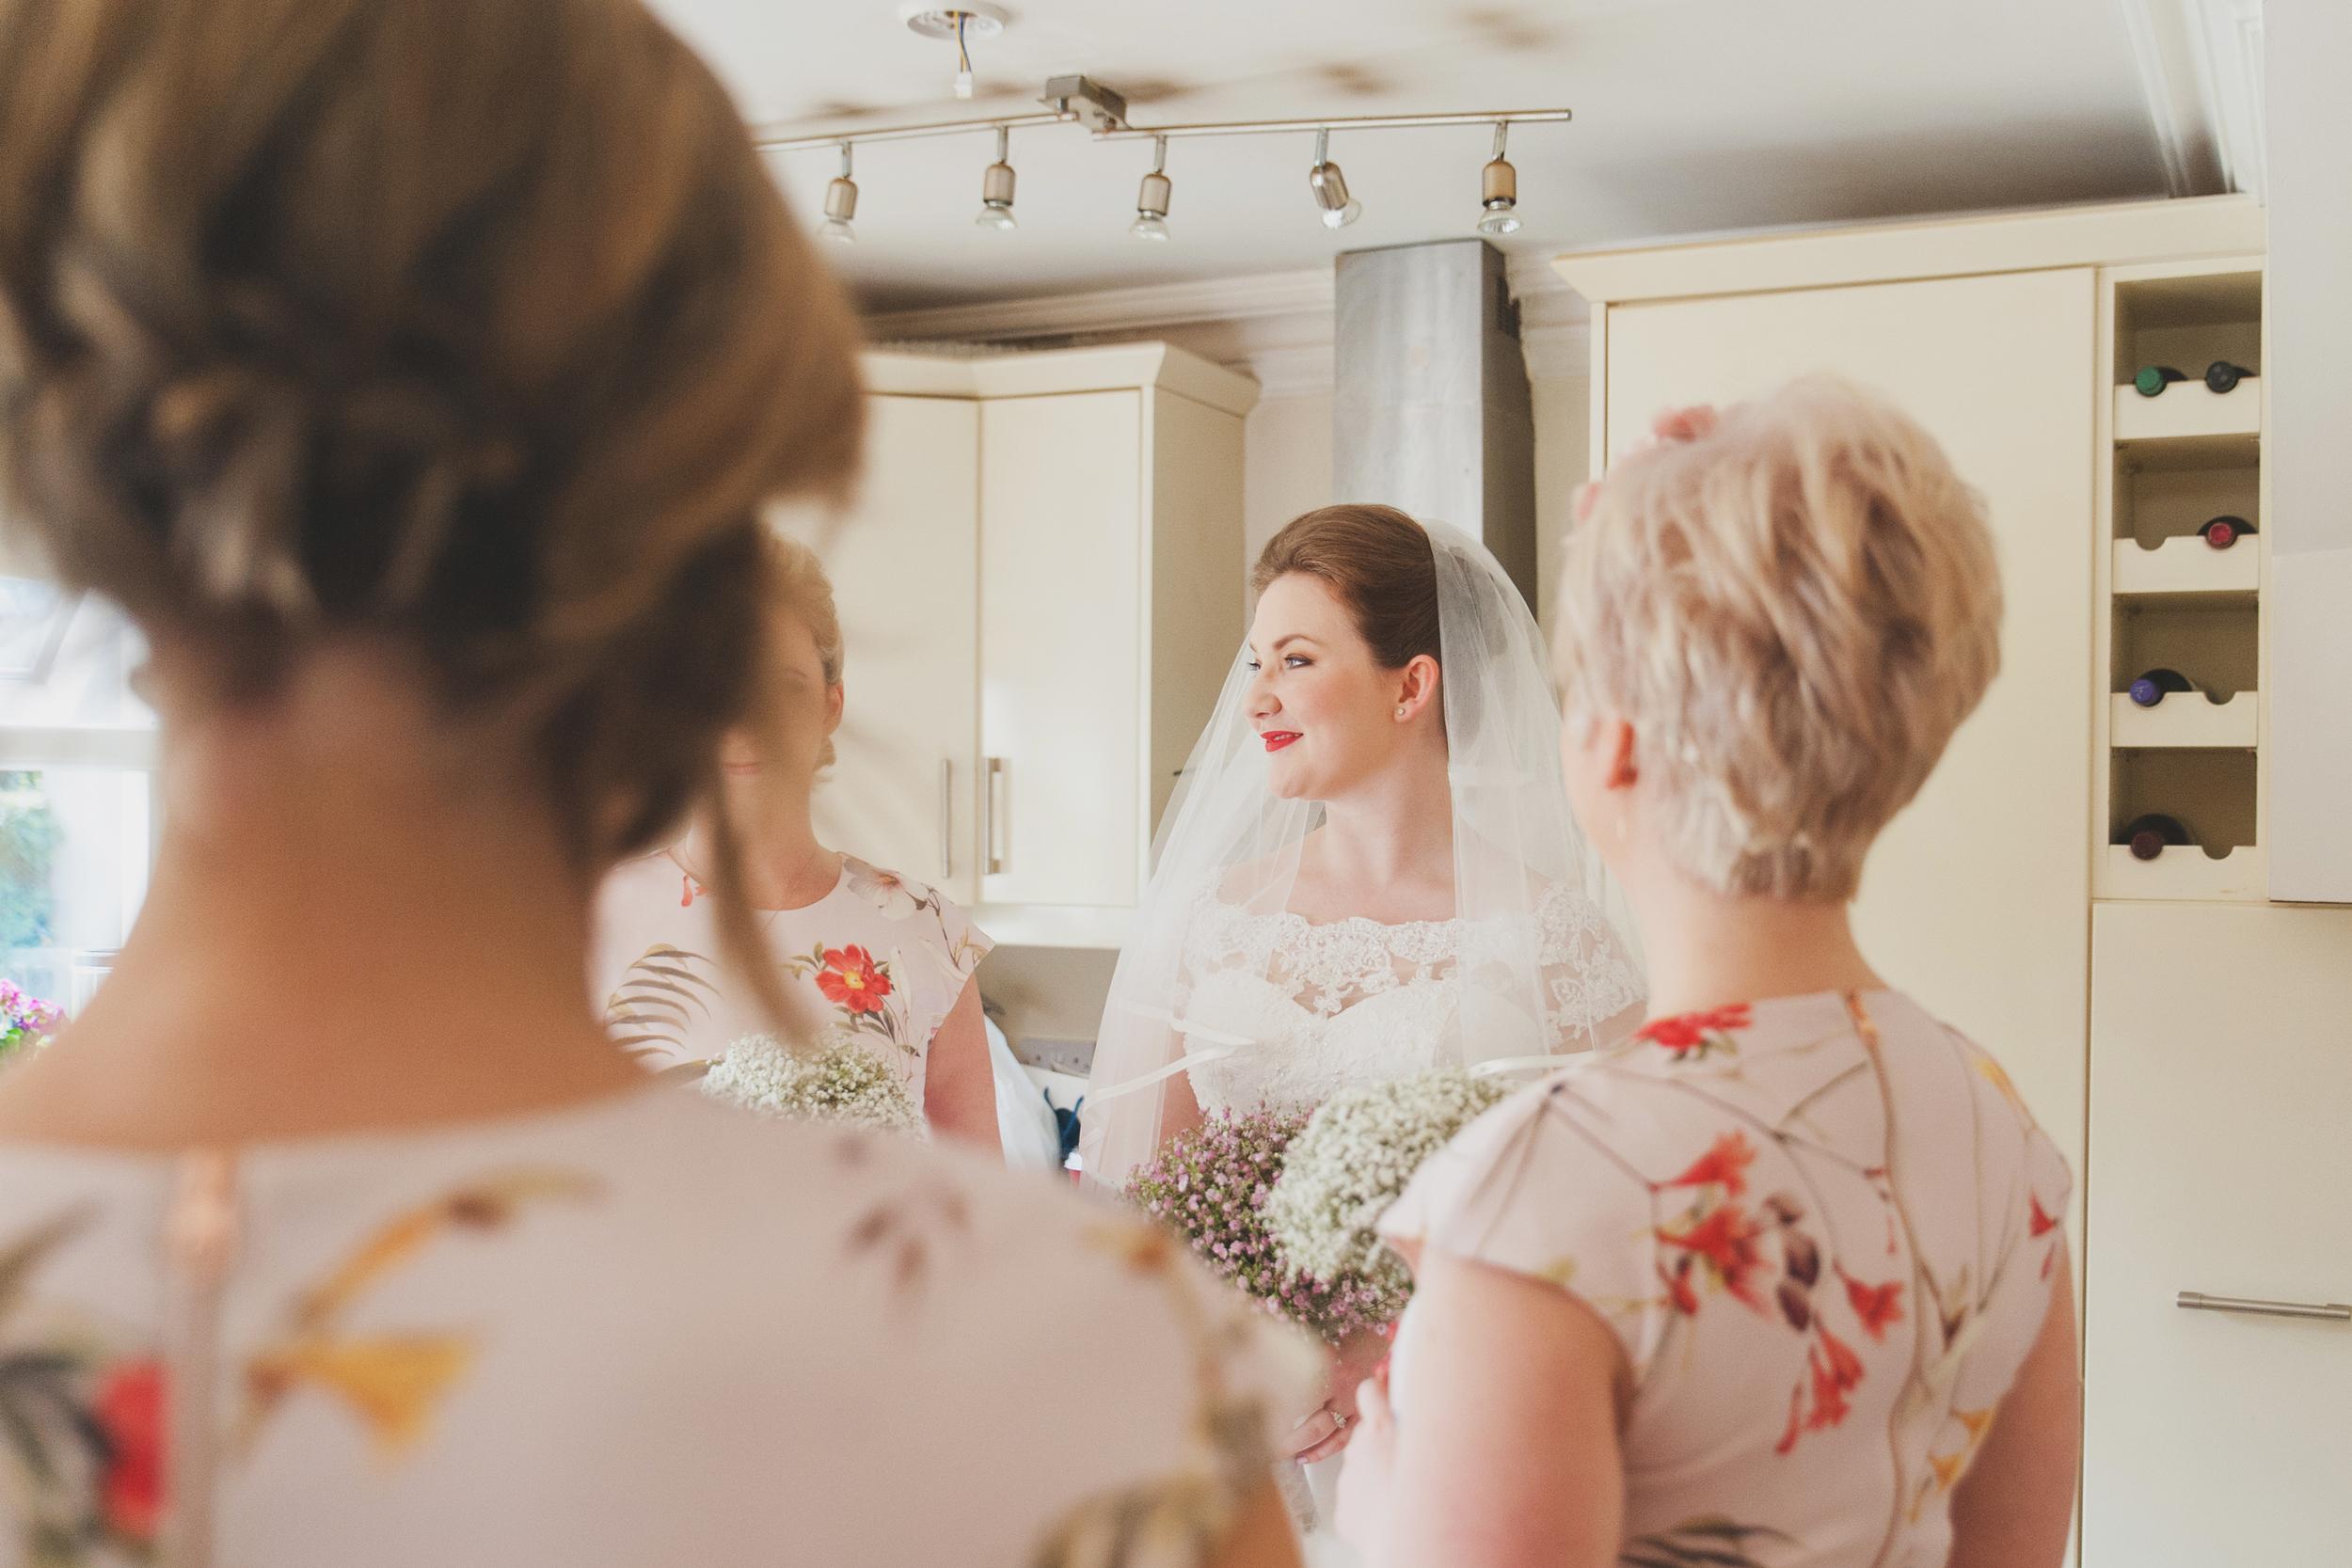 Weddings by Kara